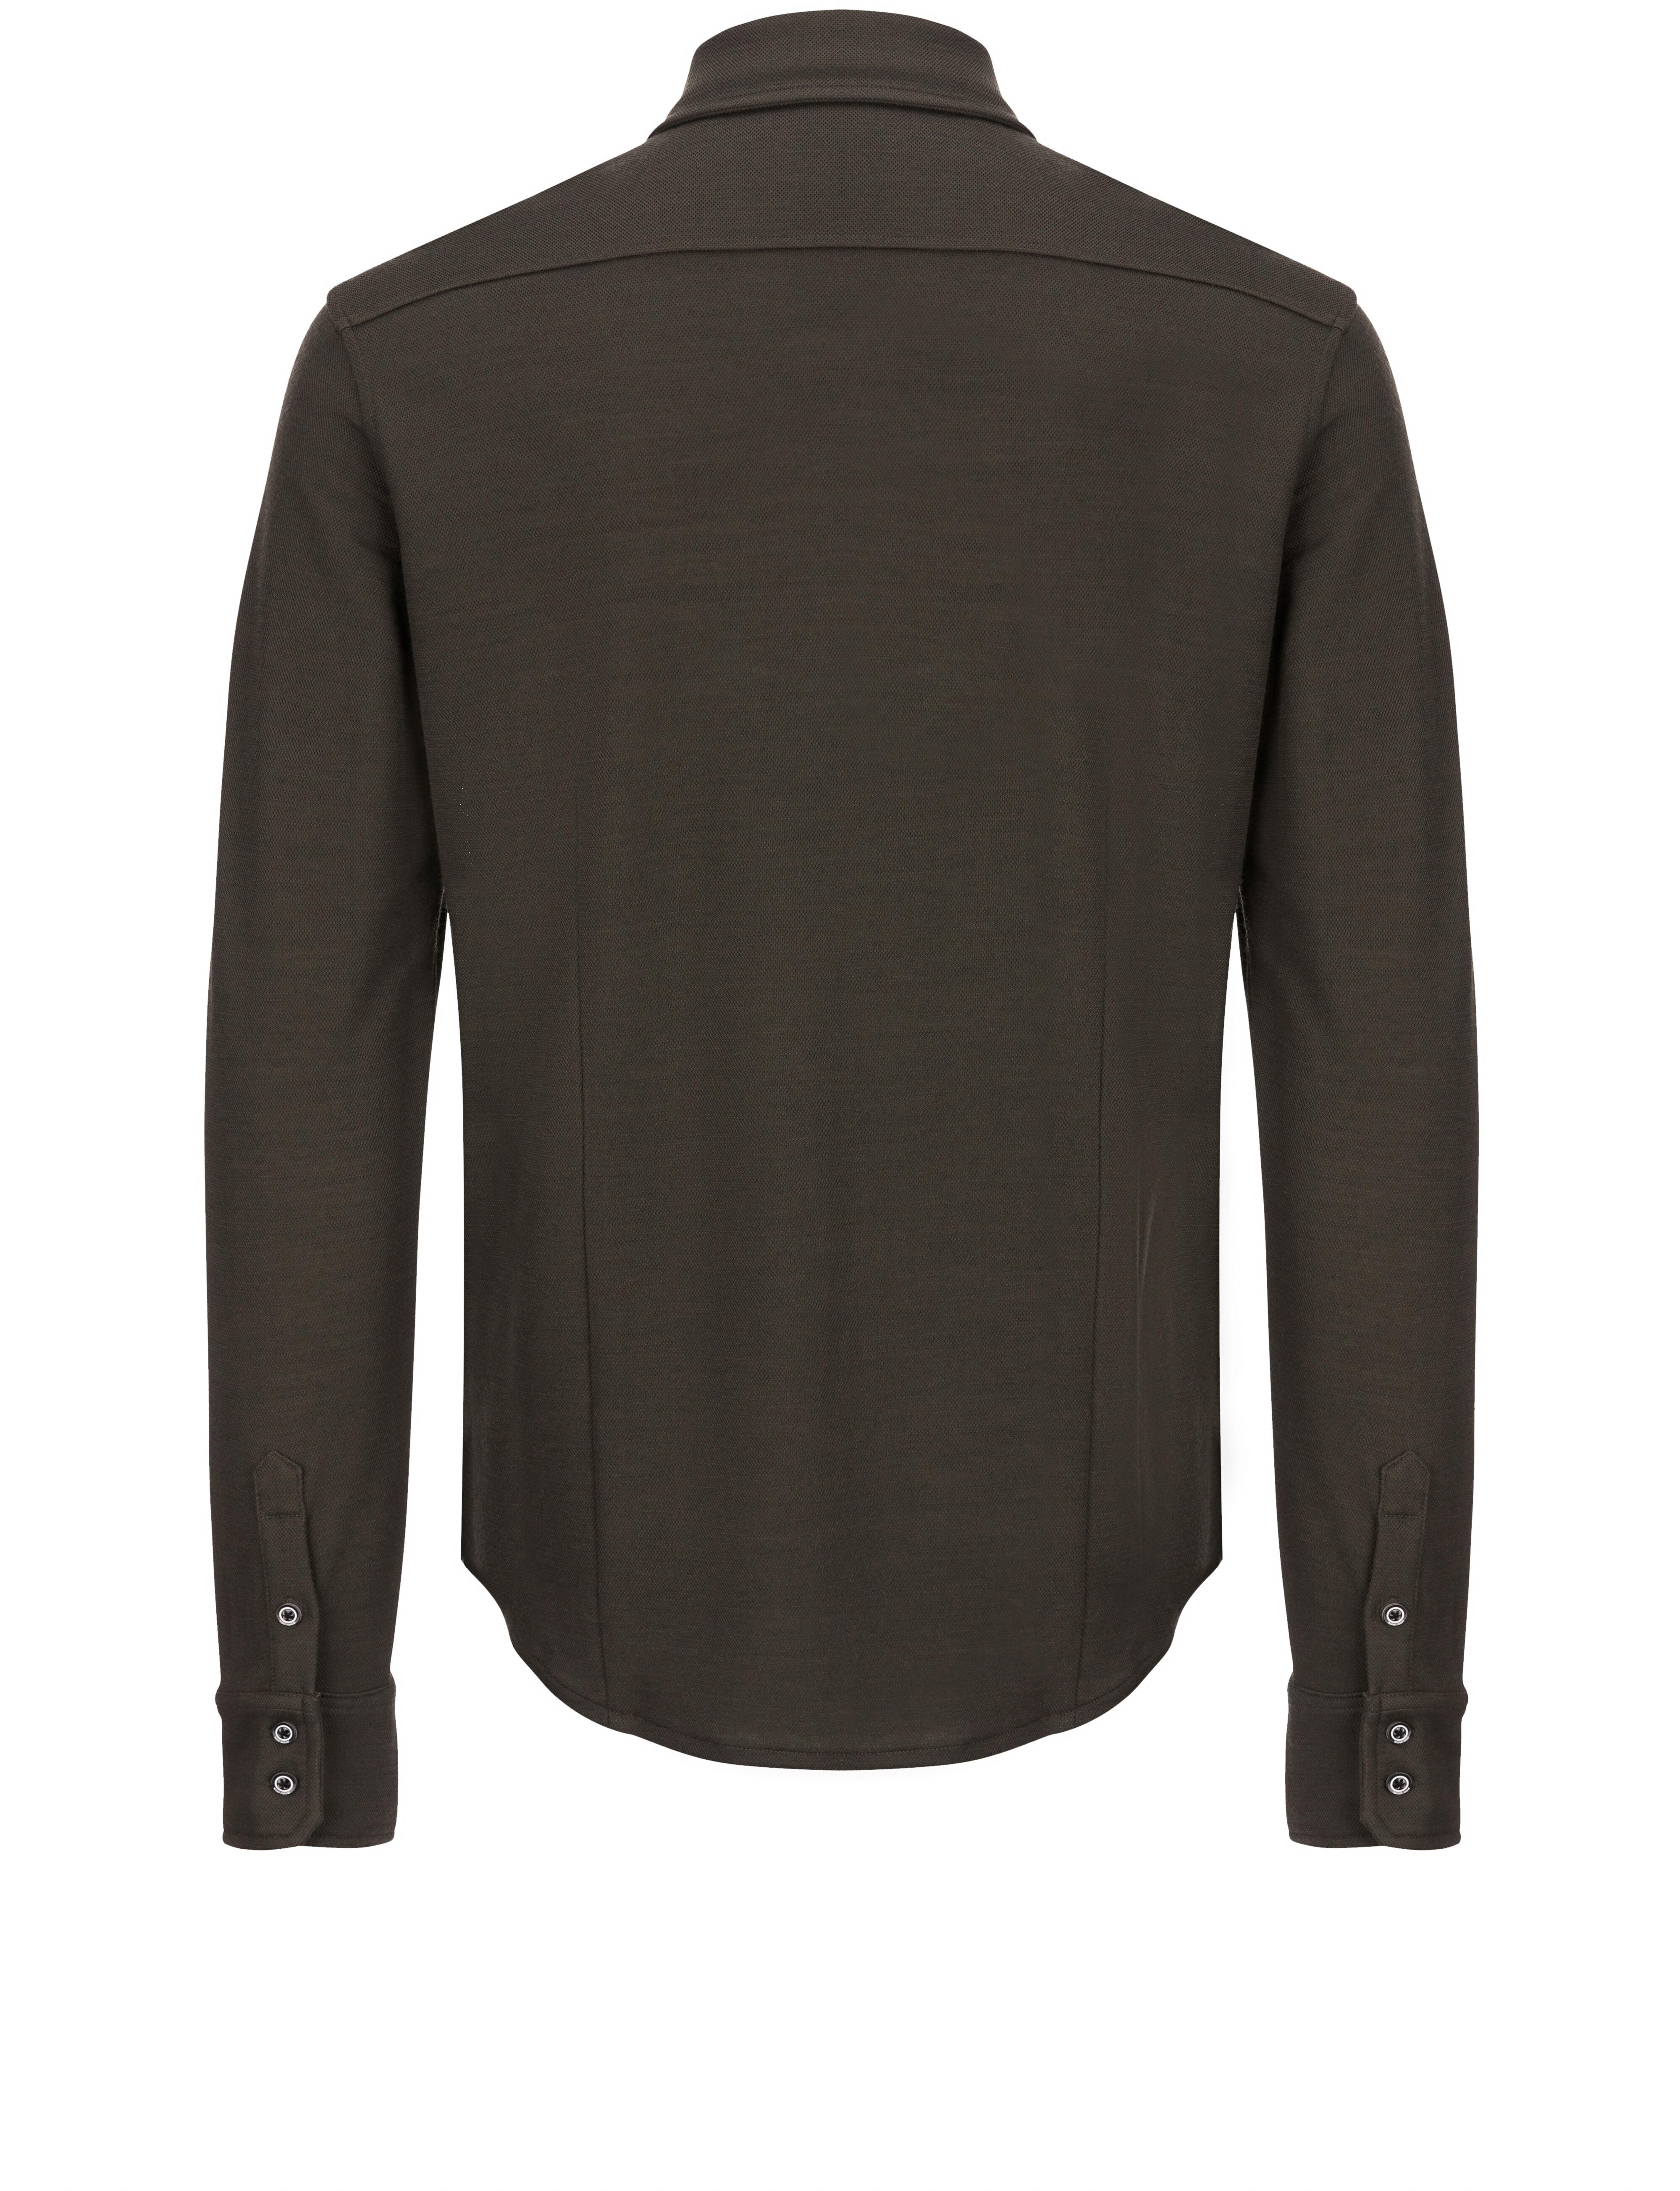 super.natural Comfort - T-shirt manches longues Homme - marron sur ... 1d277dce24ca